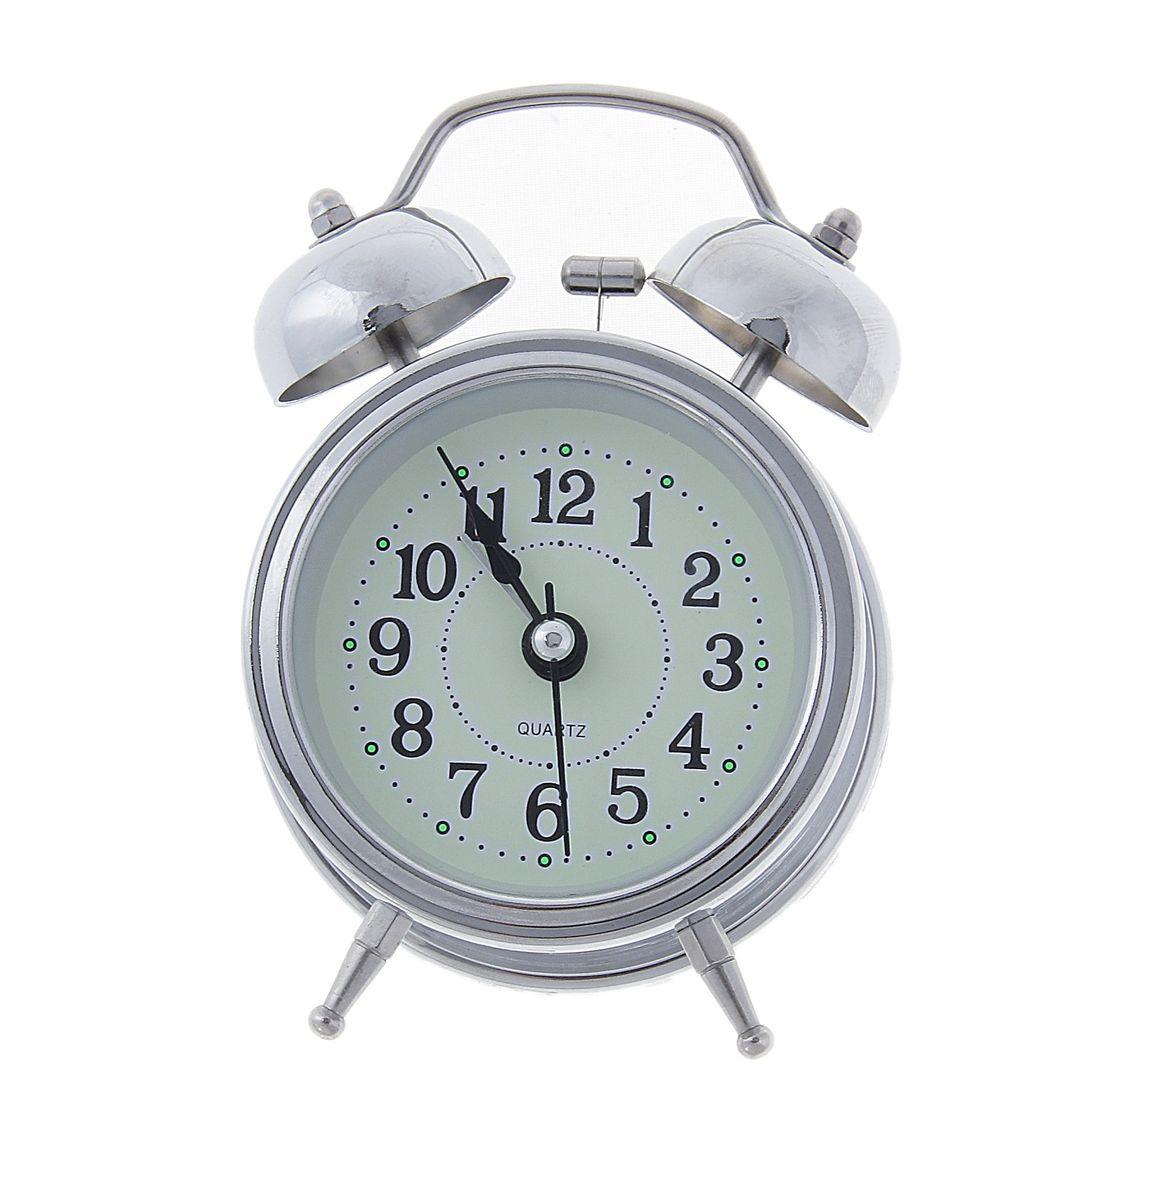 Часы-будильник Sima-land Классика, цвет: серебристый556709Часы-будильник Sima-land Классика - это невероятных размеров устройство, созданное специально для тех, кто с трудом просыпается по утрам! Изделие обладает классическим дизайном. Такой будильник станет изюминкой вашего интерьера. Будильник работает от батареек типа АА (в комплект не входят). На задней панели будильника расположены переключатель включения/выключения механизма, два поворотных рычага для настройки текущего времени и установки будильника, а также кнопка для включения подсветки циферблата.